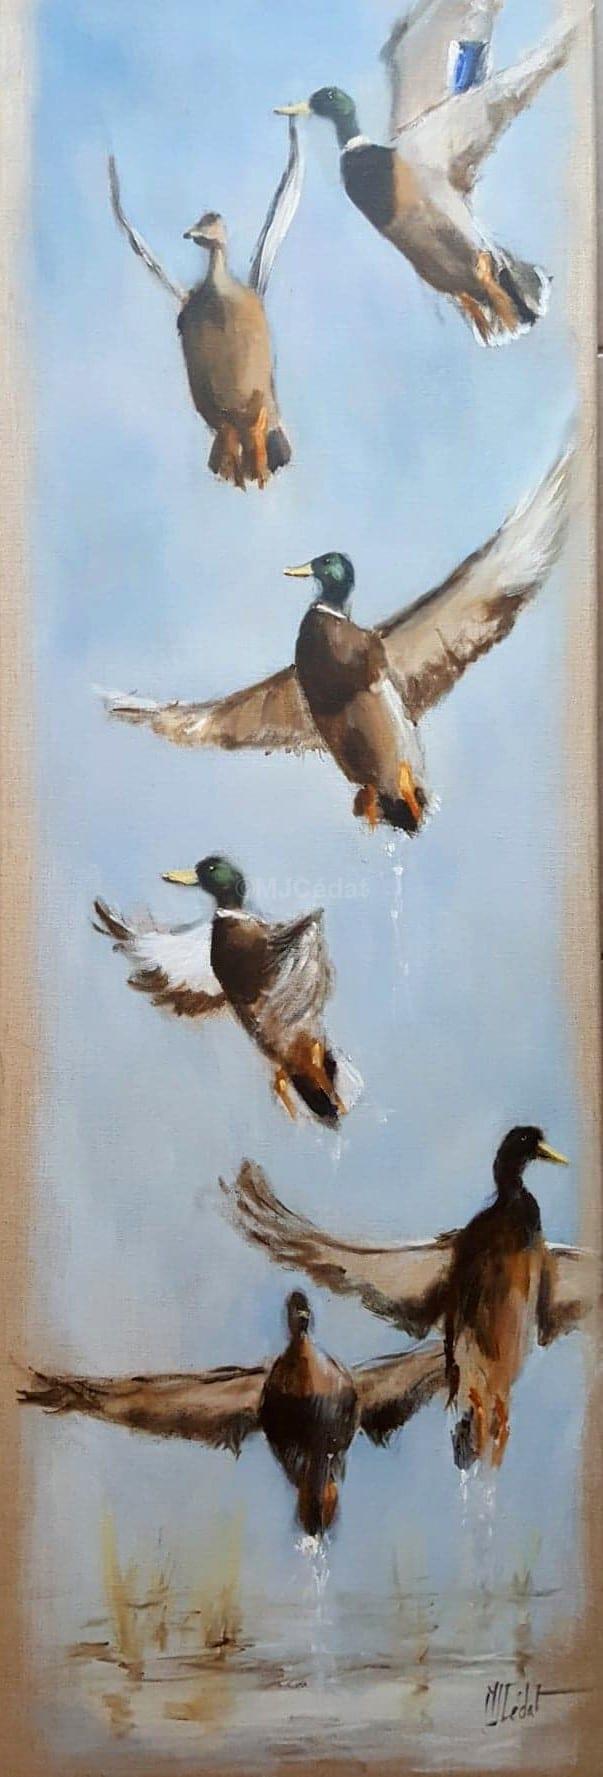 Envol de canards – Acrylique sur toile de linMarie-Joëlle Cédat-artiste animalier peinture animaliere-art-animalier- peintre-animalier